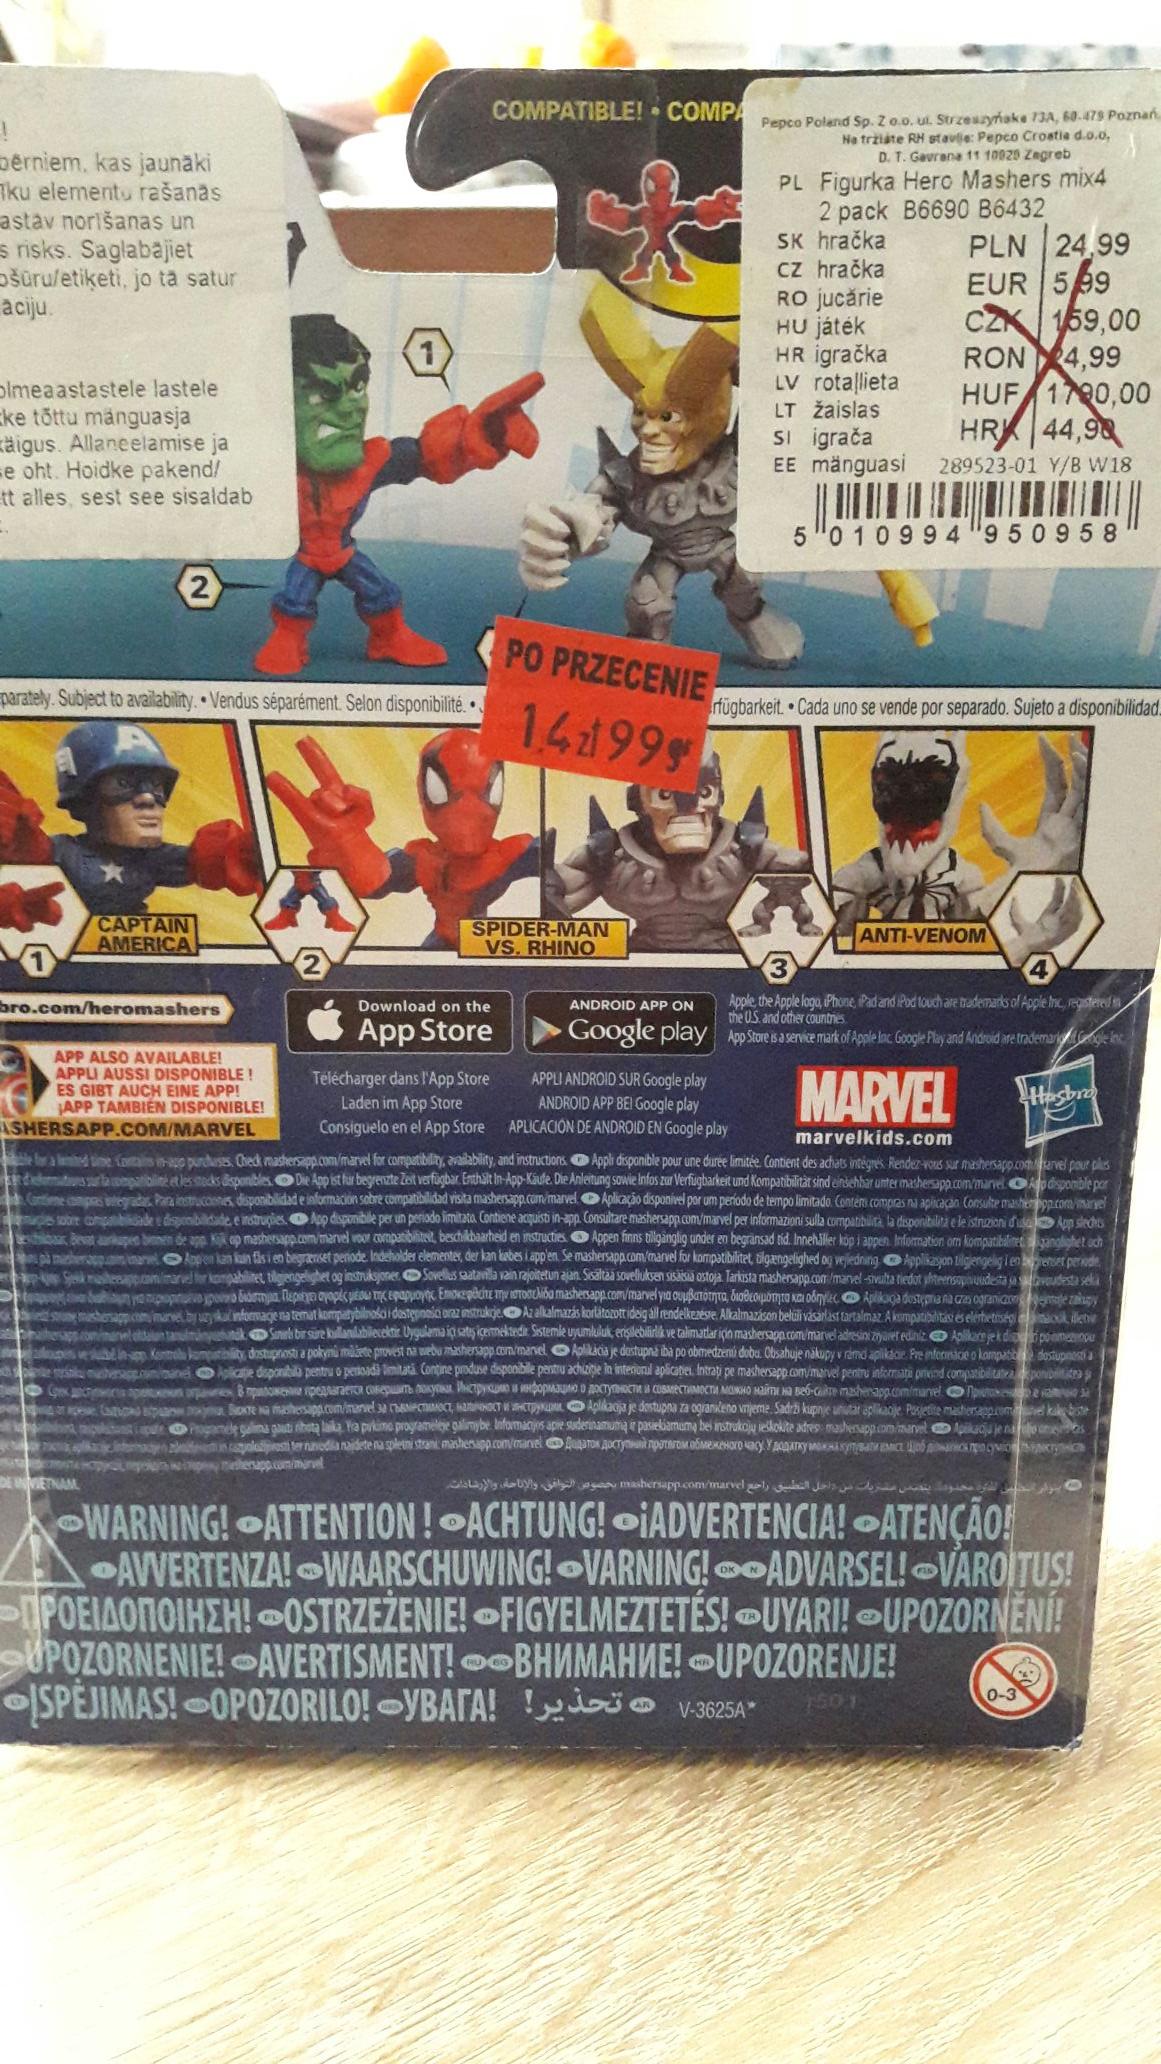 Figurki Marvel super Hero mashers micro |Brodnica. Kujawsko-pomorskie.